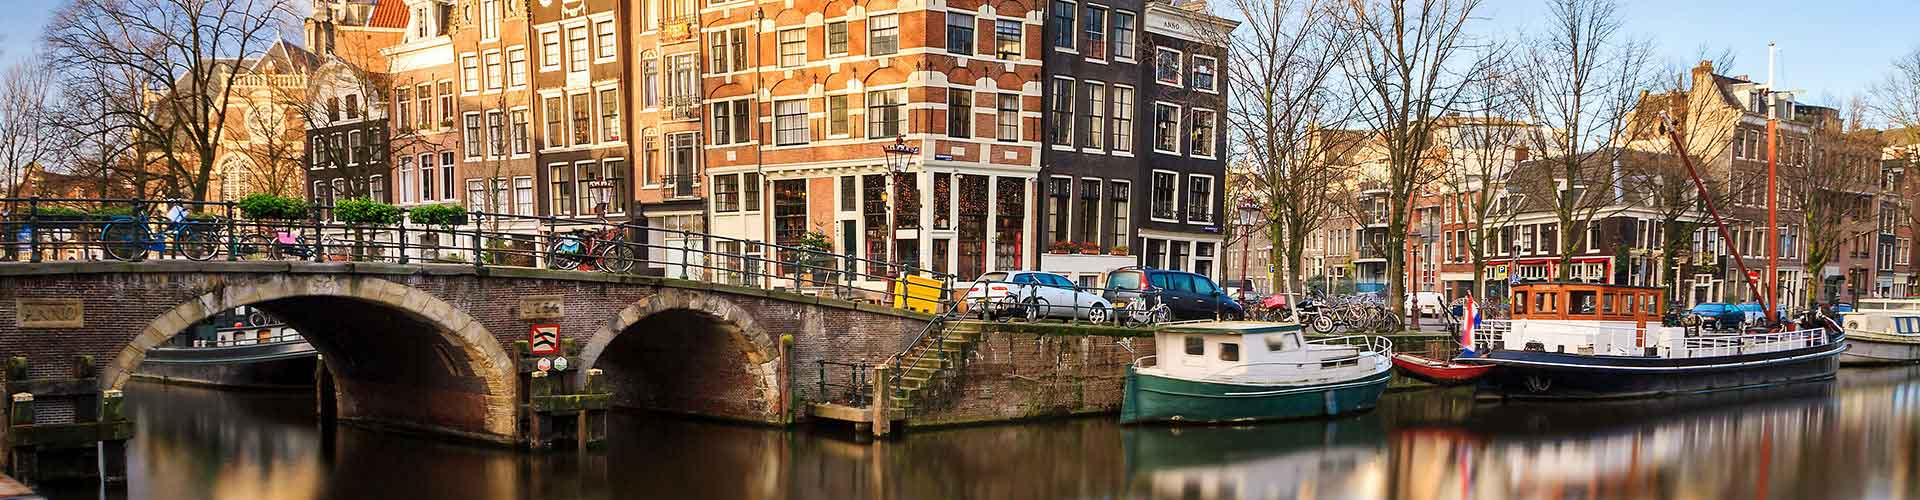 Amsterdam - Habitaciones cerca a Estación de tren de Amsterdam RAI . Mapas de Amsterdam, Fotos y comentarios de cada Habitación en Amsterdam.